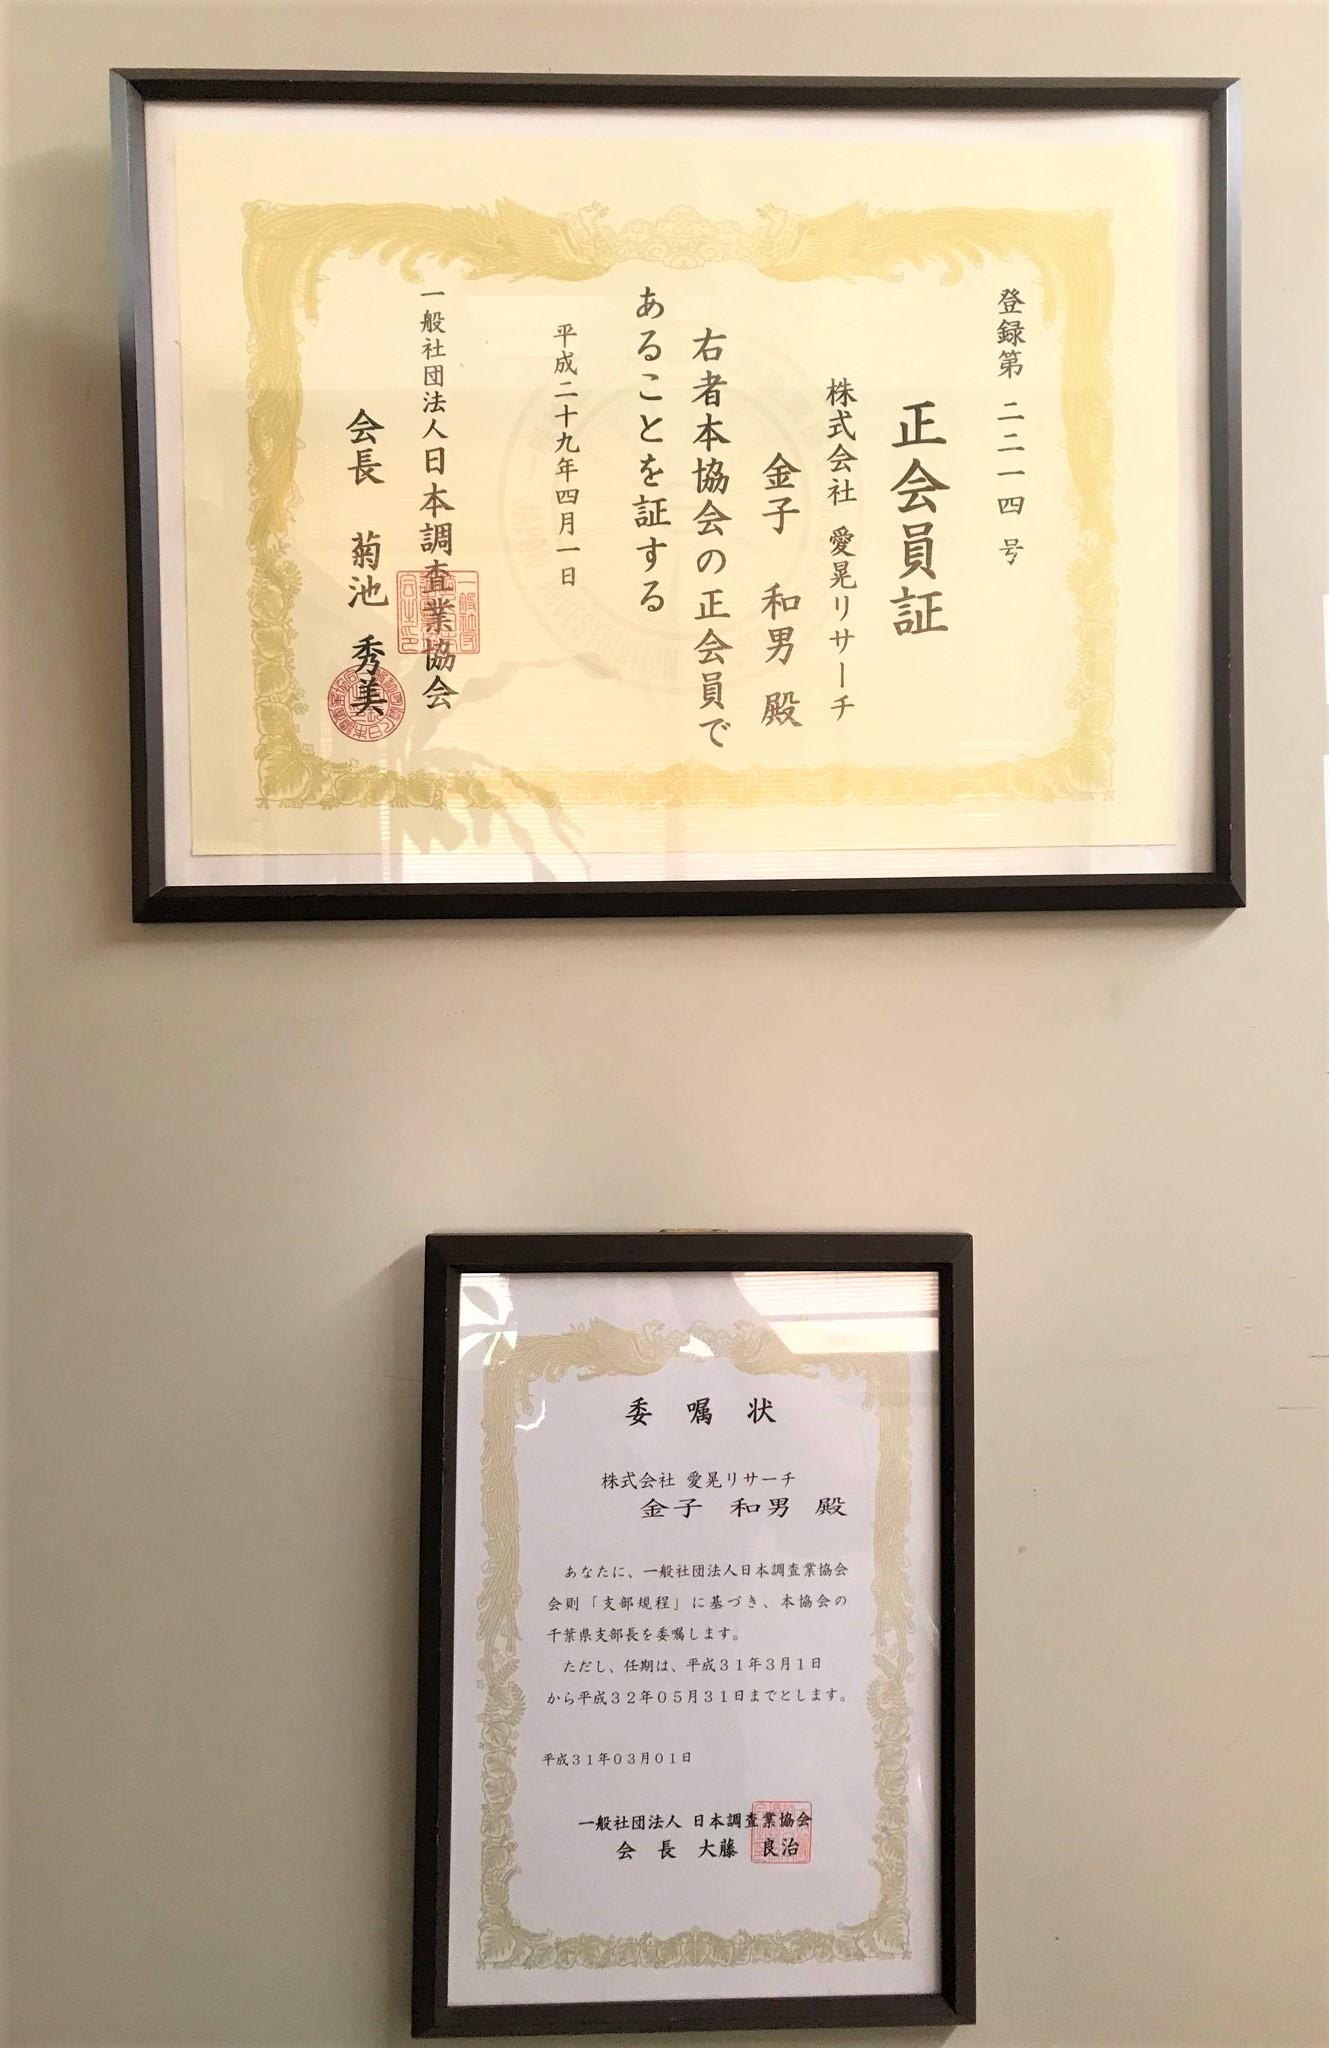 愛晃リサーチは、「一般社団法人 日本調査業協会」からの認定を受け、千葉県支部長を委嘱された探偵社です。